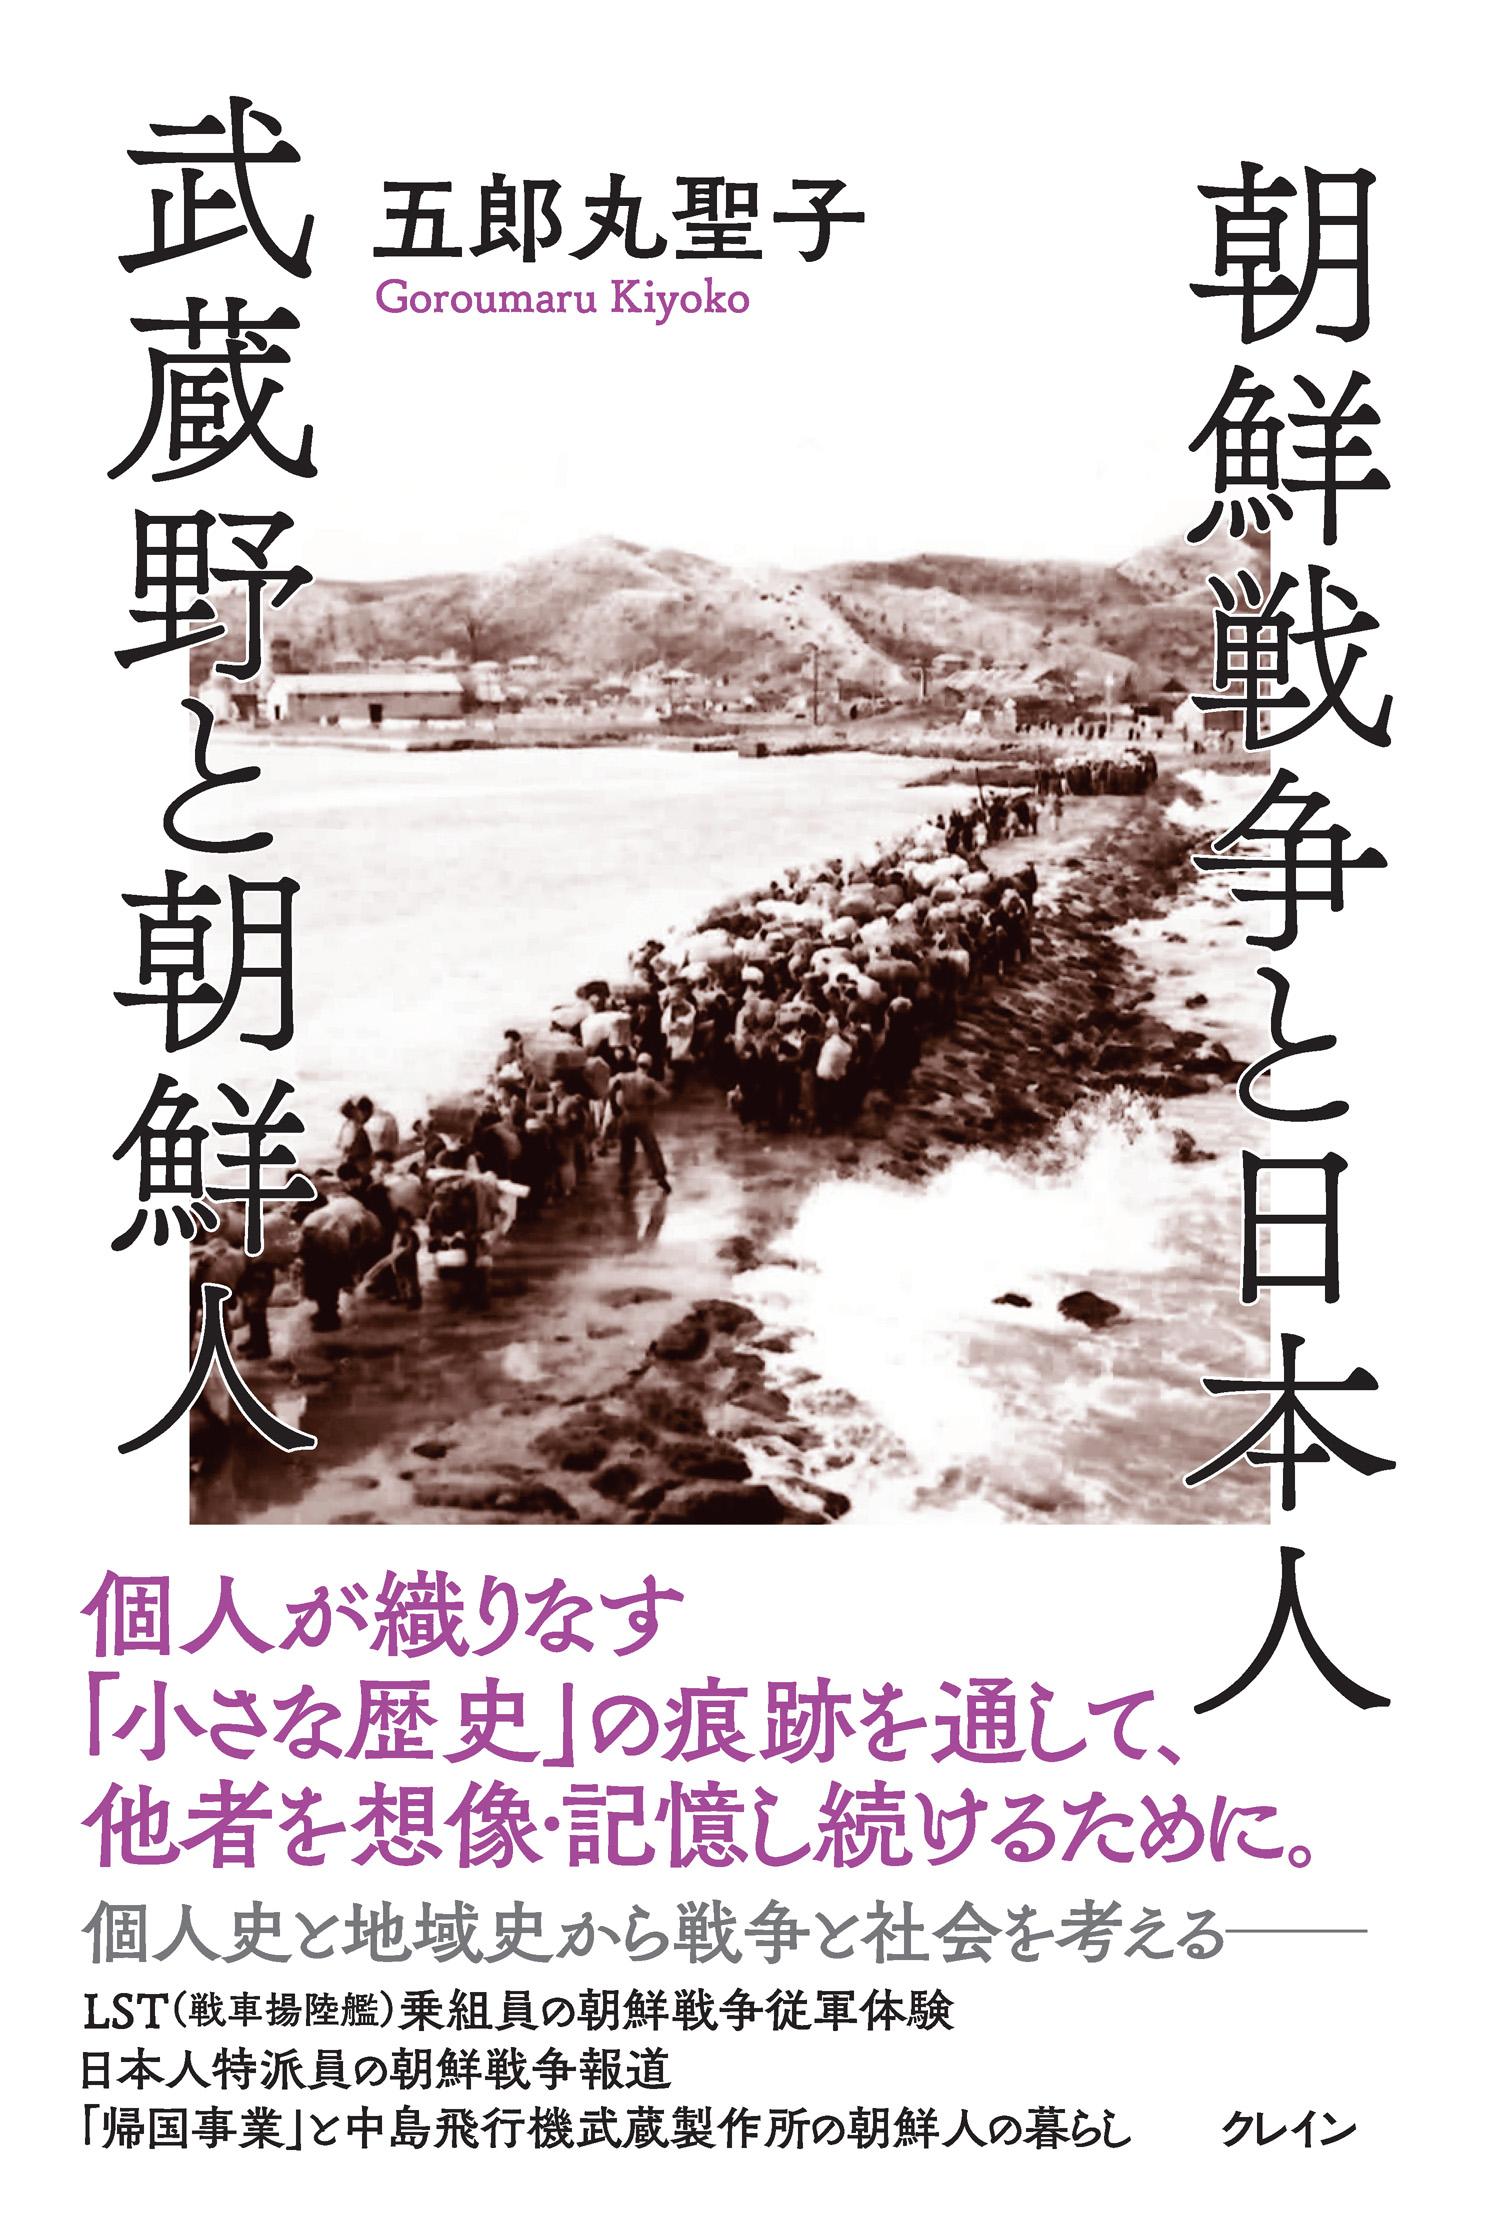 朝鮮戦争と日本人 武蔵野と朝鮮人